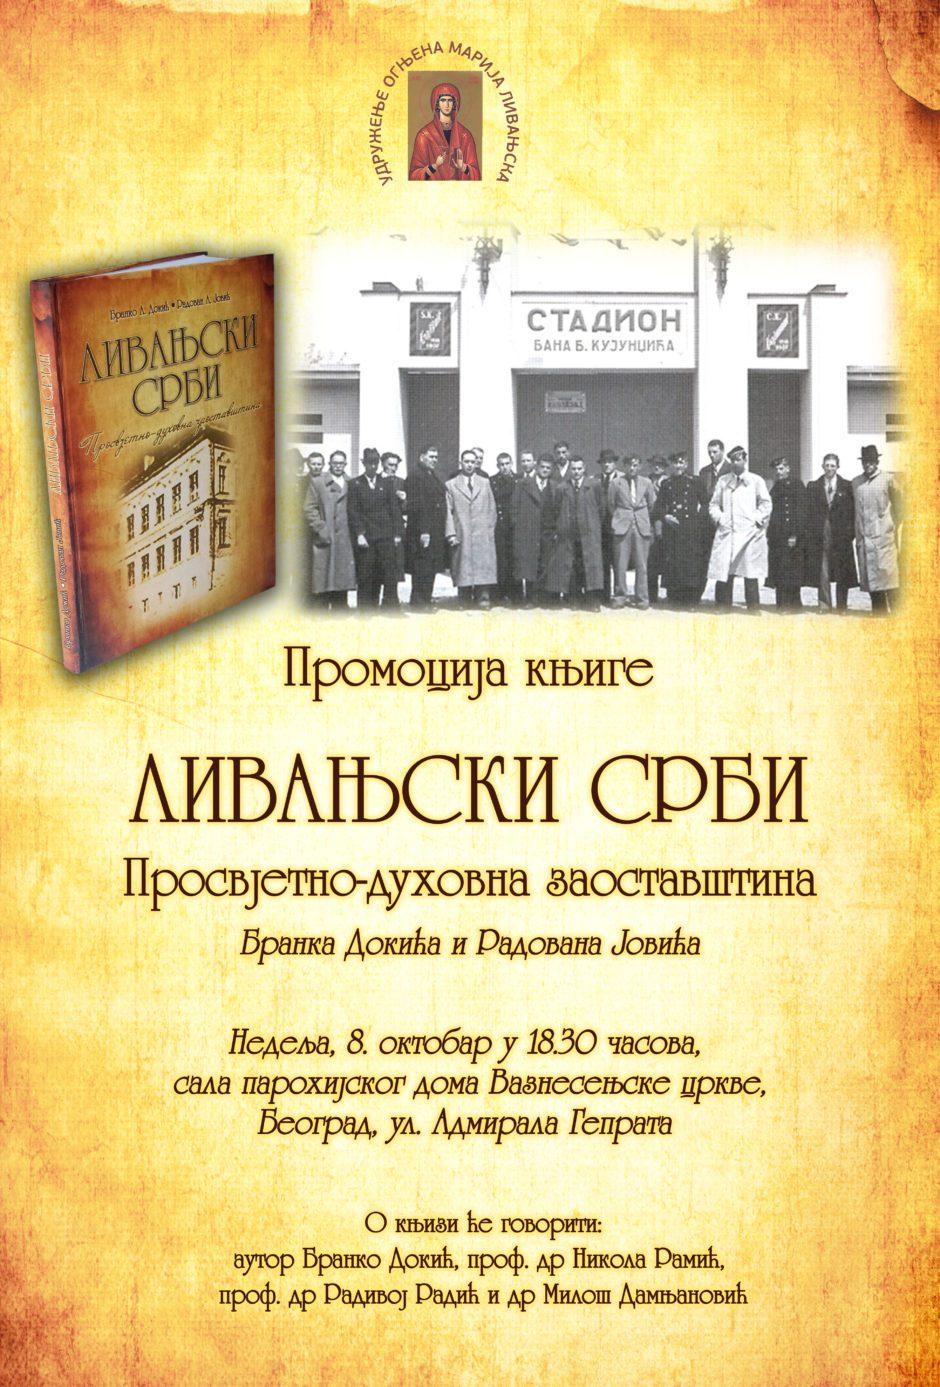 """БЕОГРАД, 8. ОКТОБАР 2017. ГОДИНЕ: Промоција књиге """"Ливањски Срби"""""""